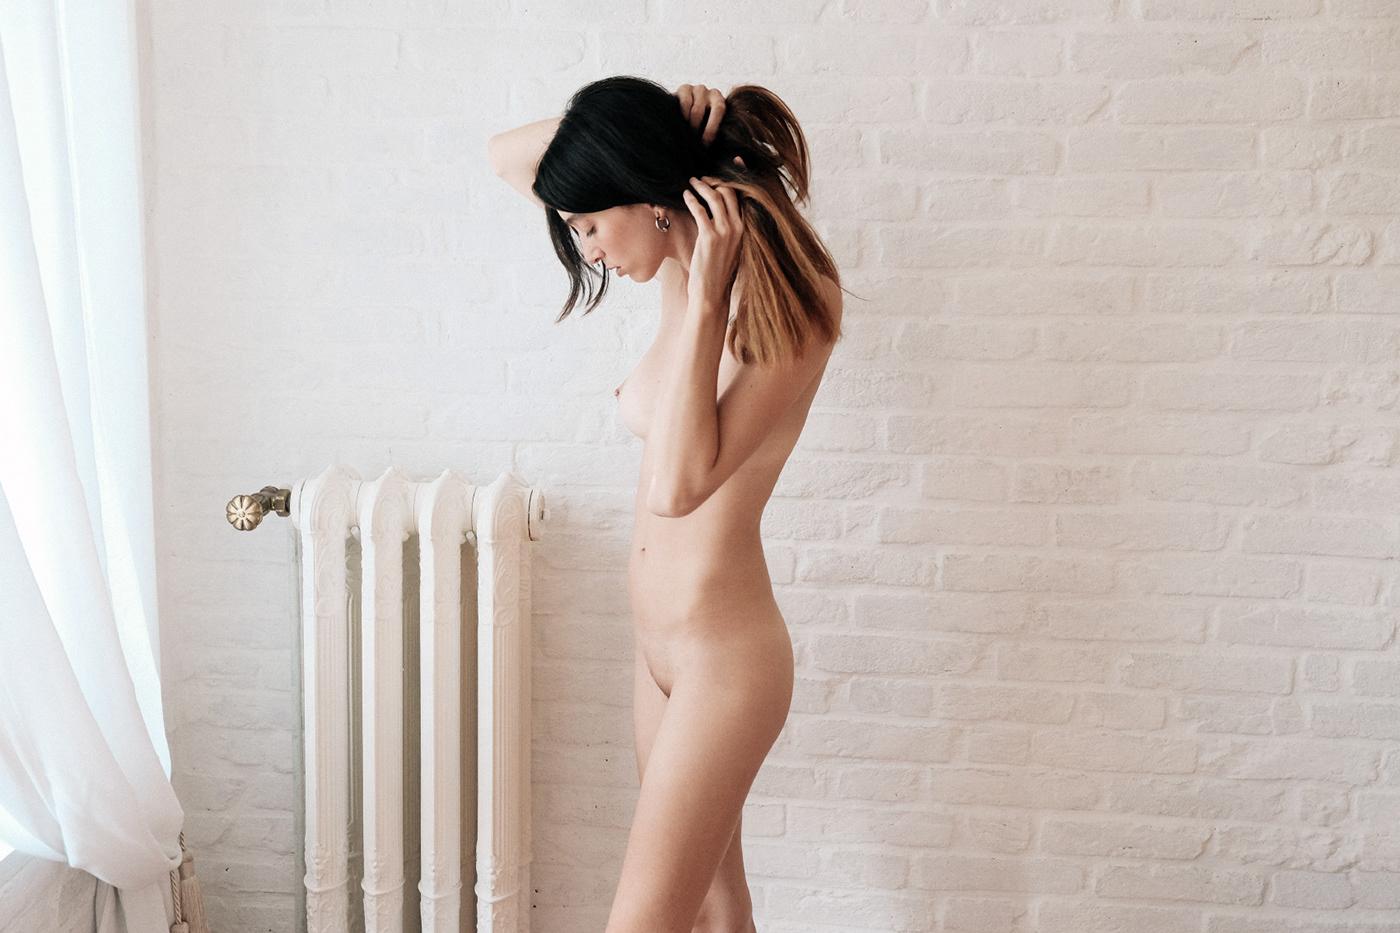 Белая крашеная кирпичная стена и голая девушка / фото Adolfo Valente